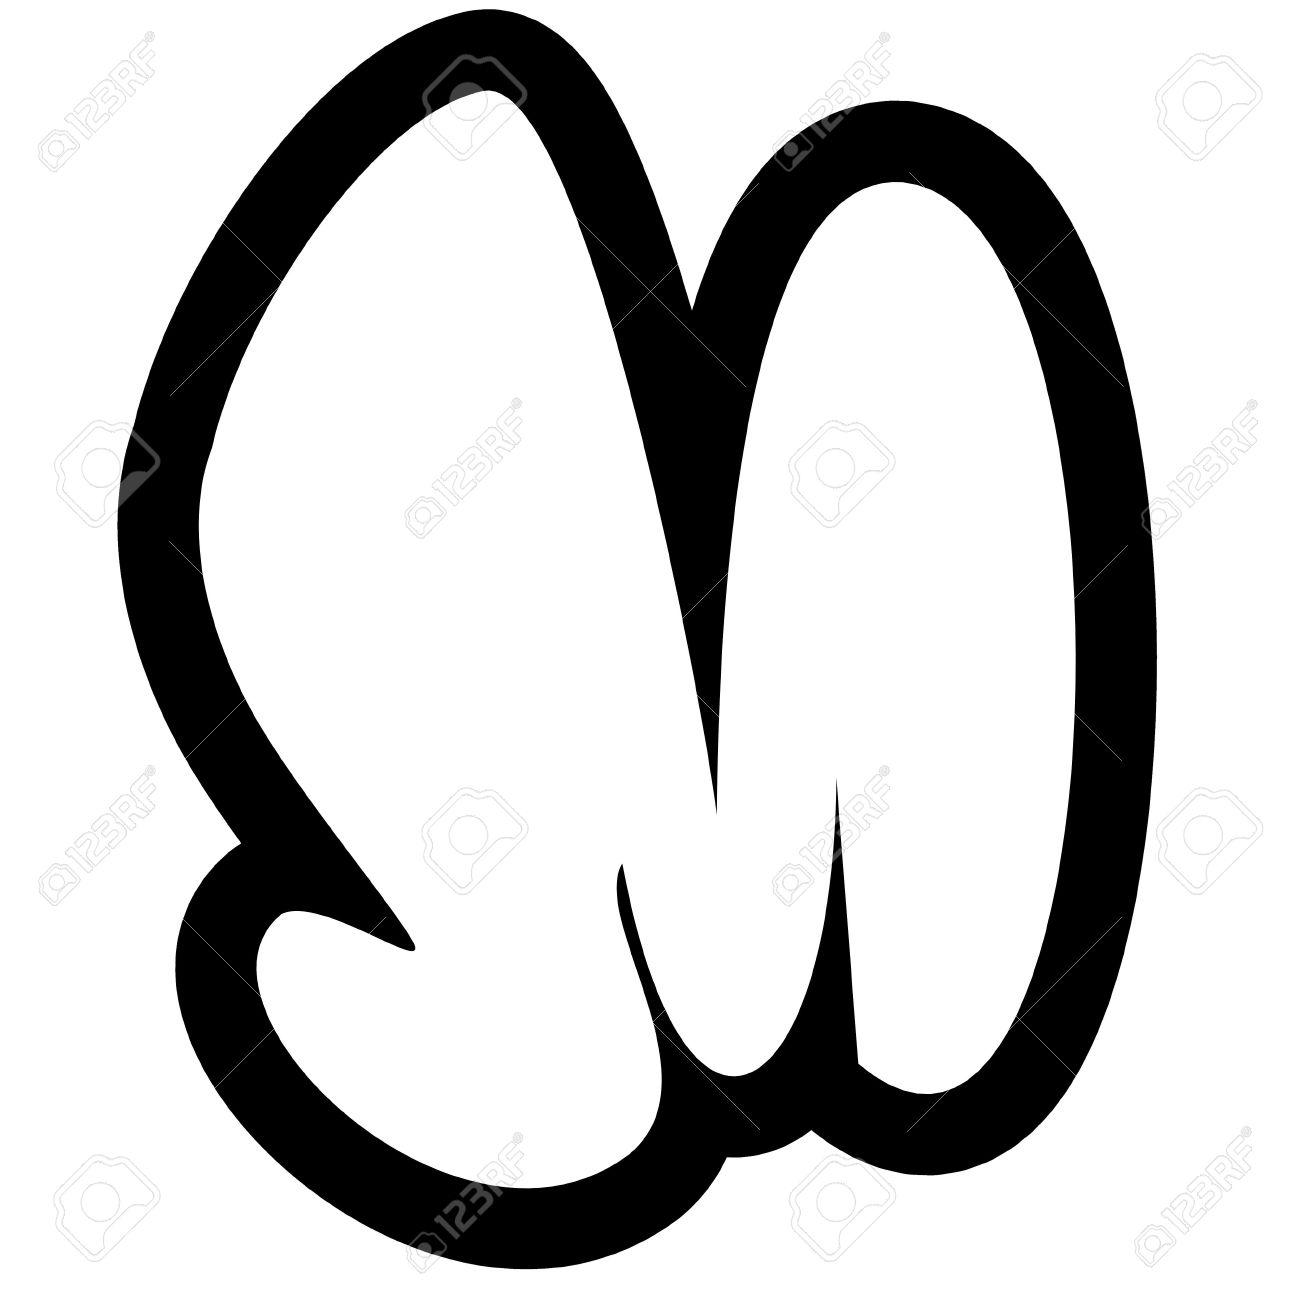 d79734bb6935 Foto de archivo - Línea blanco y negro más grande de procesamiento de  graffiti alfabeto burbuja fuente m